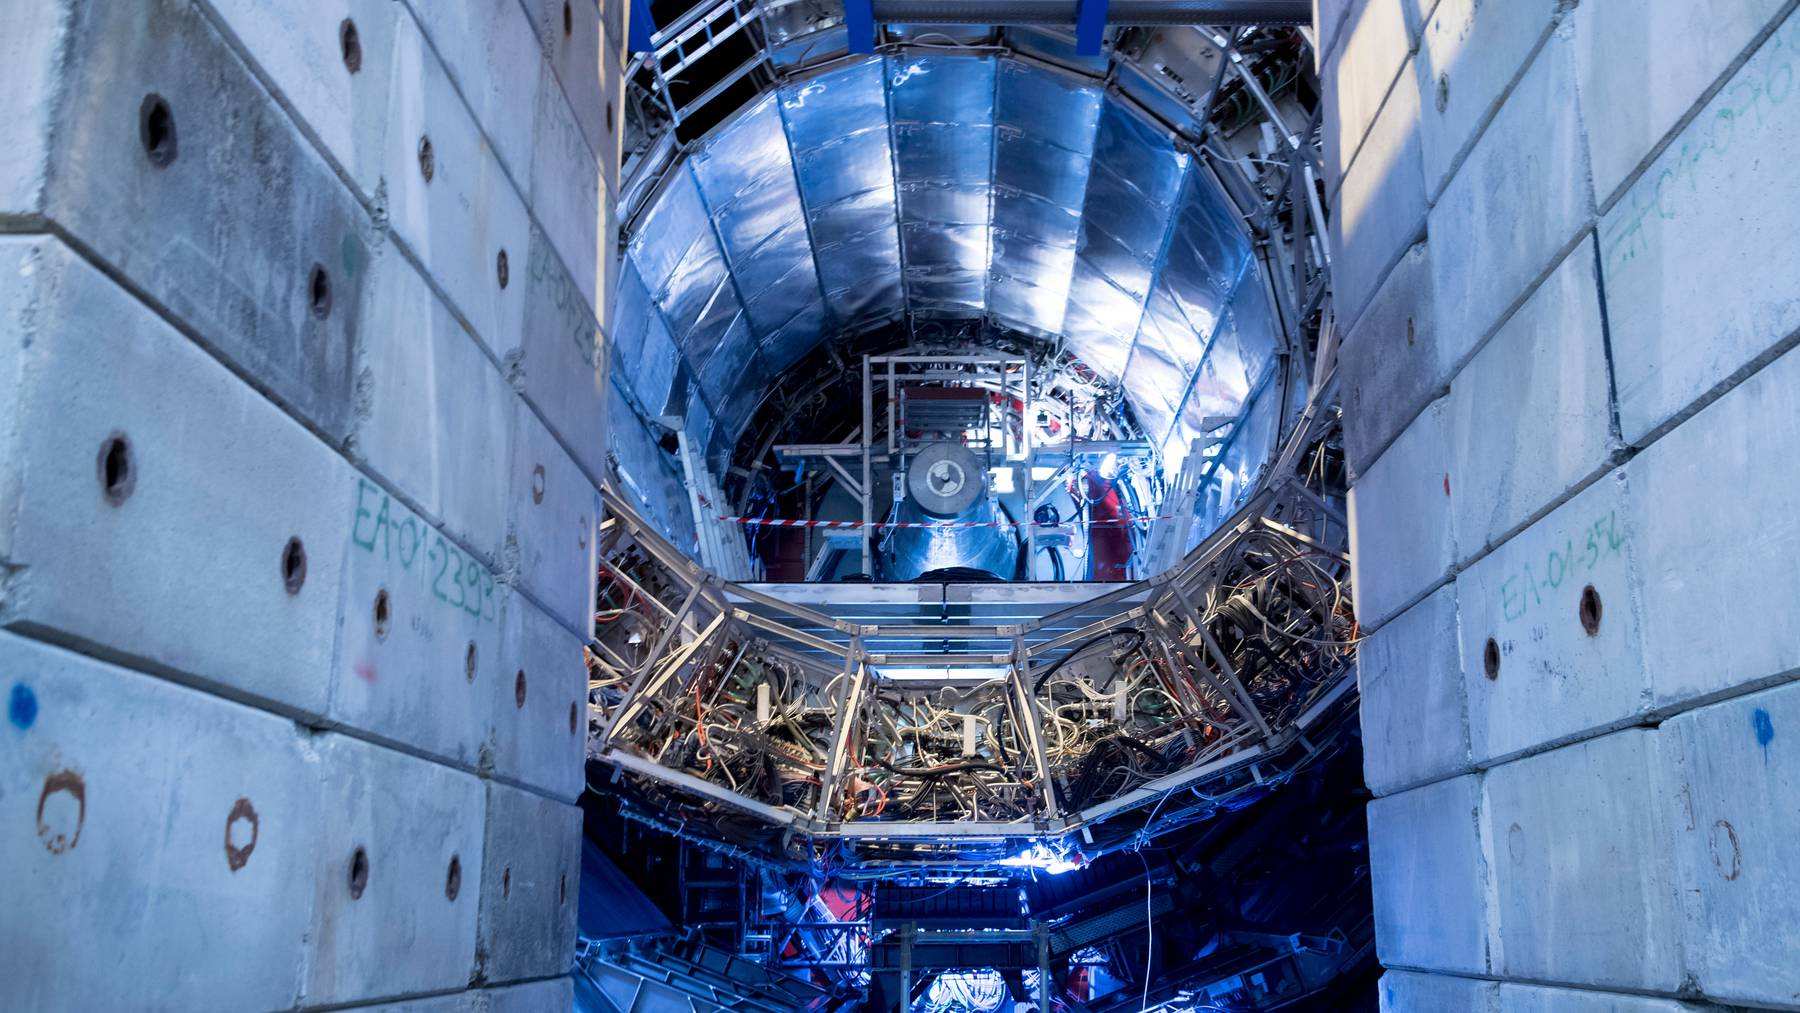 Forschung am CERN in Genf: Schweizer Wissenschafter profitierten überproportional von den EU-Forschungsgeldern.